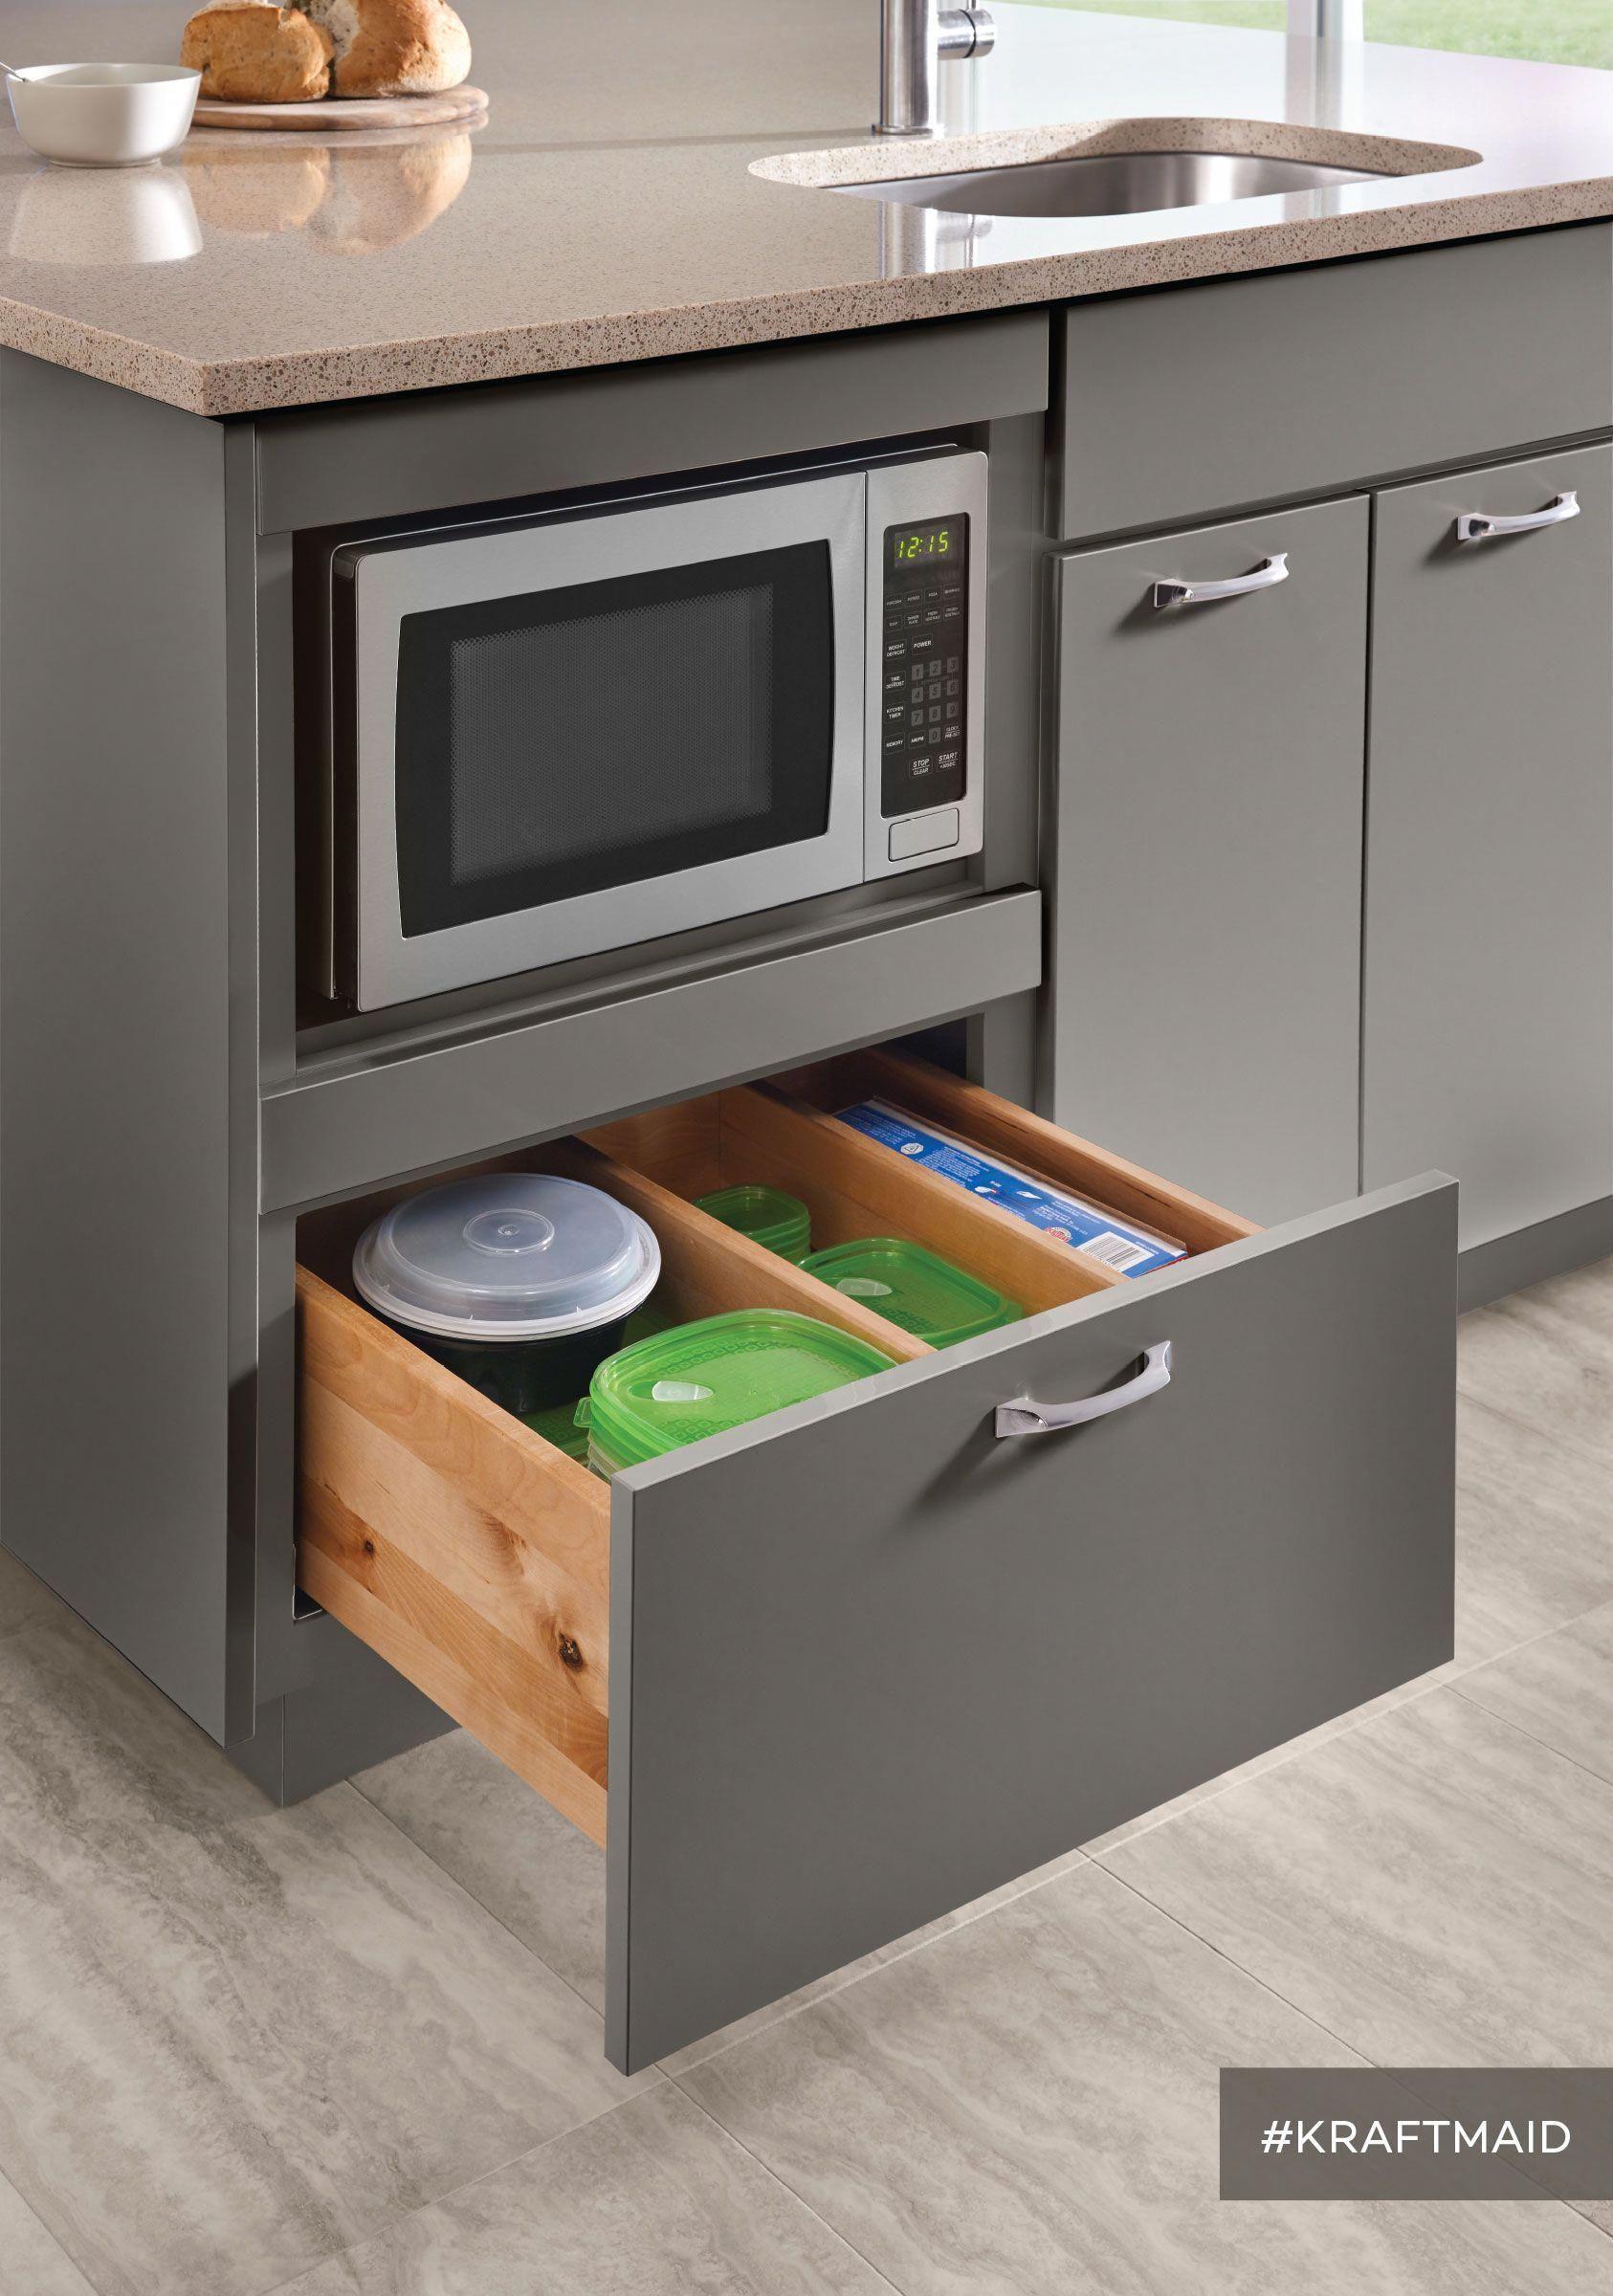 Wood Kitchen Countertops Ideas 11 Wood Countertops Kitchen Kitchen Countertops Contemporary Kitchen